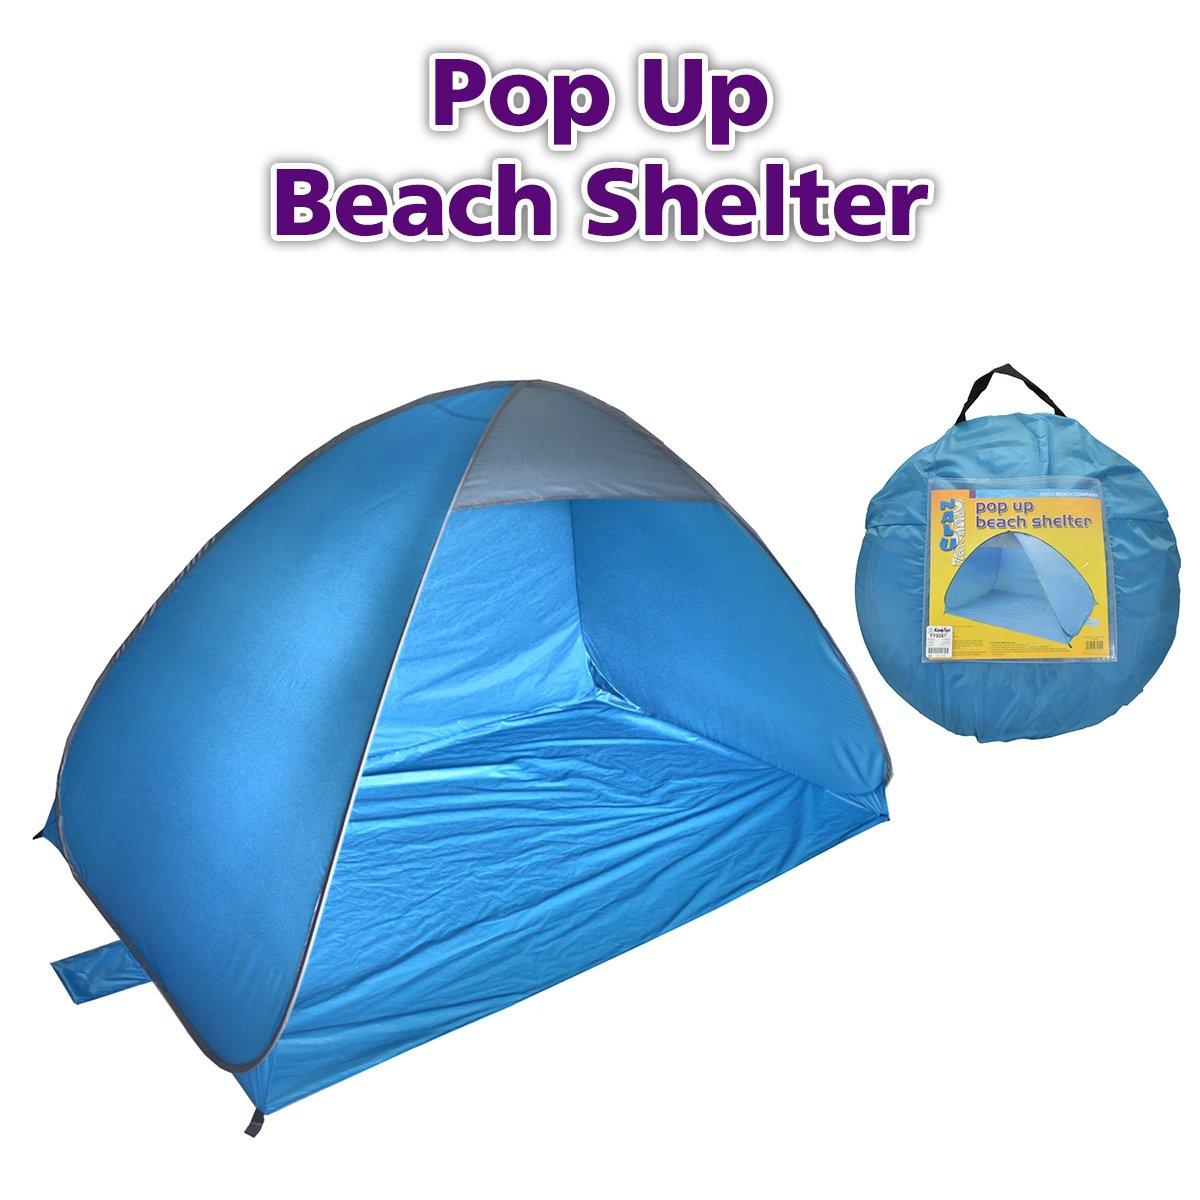 Laeto Sports & extérieur Bleu Polyester Pop Up Tente de Plage pour abri Soleil ou Pique-Nique